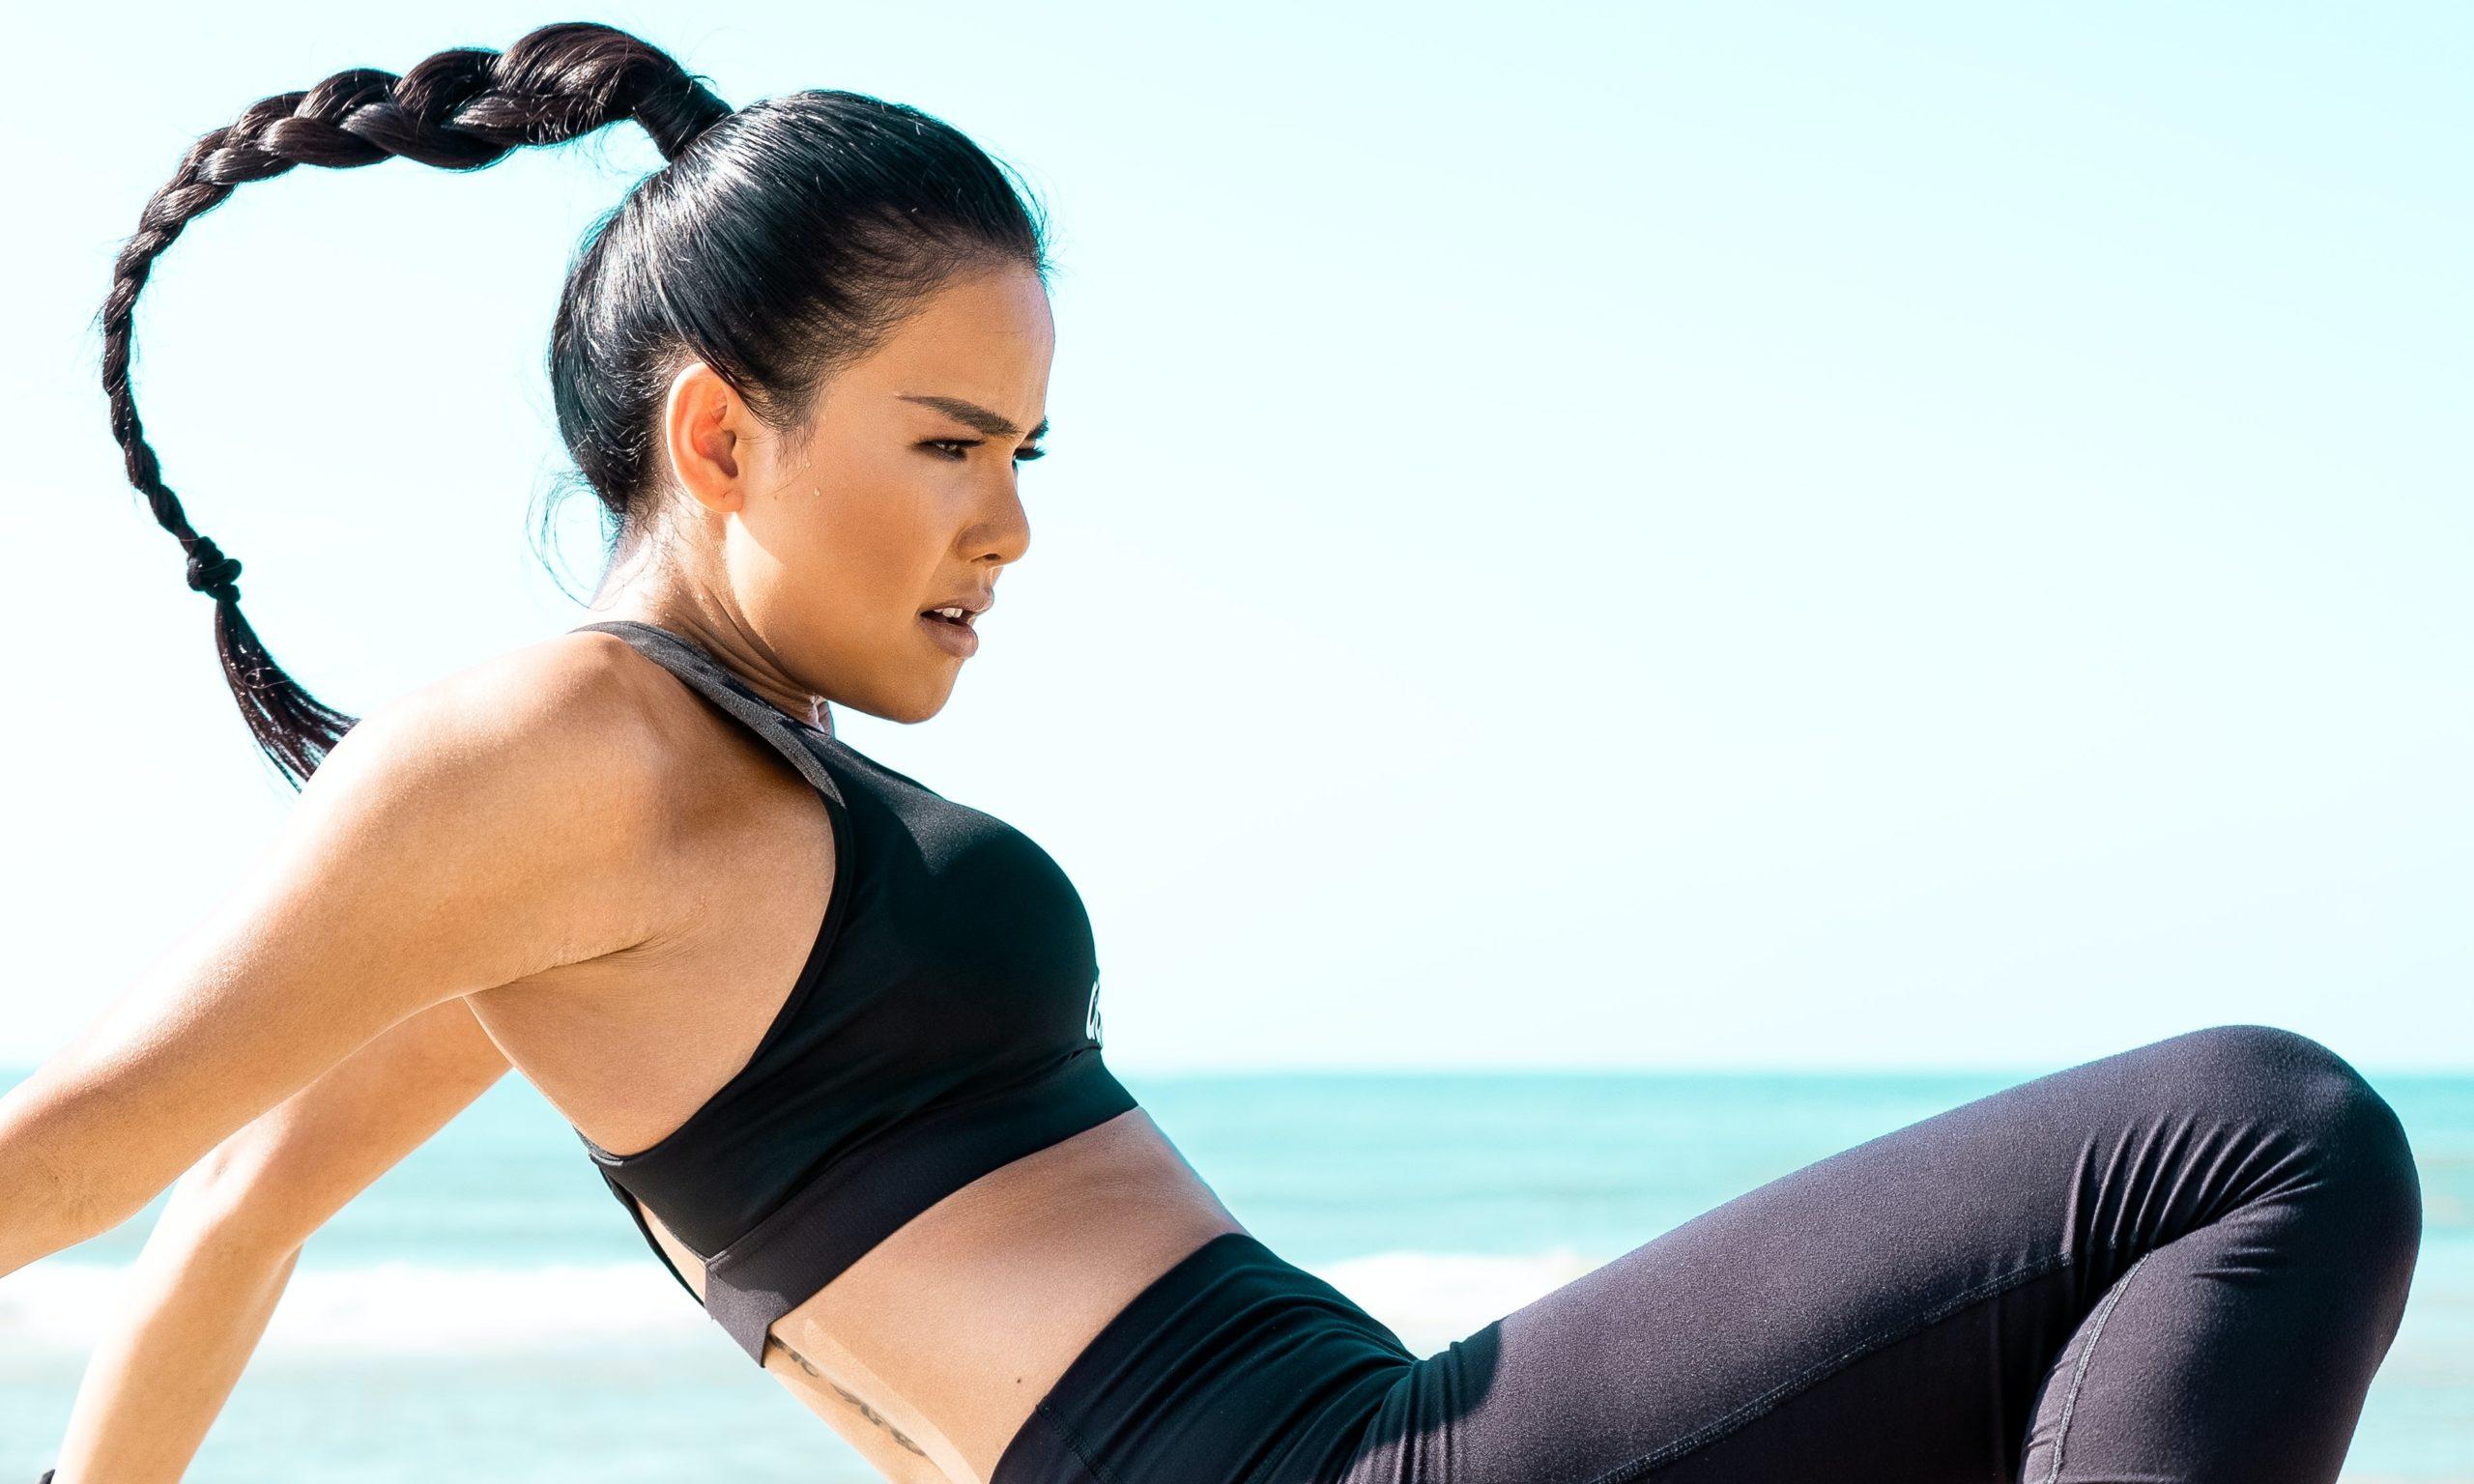 女性がダイエットのためにトレーニングをしている